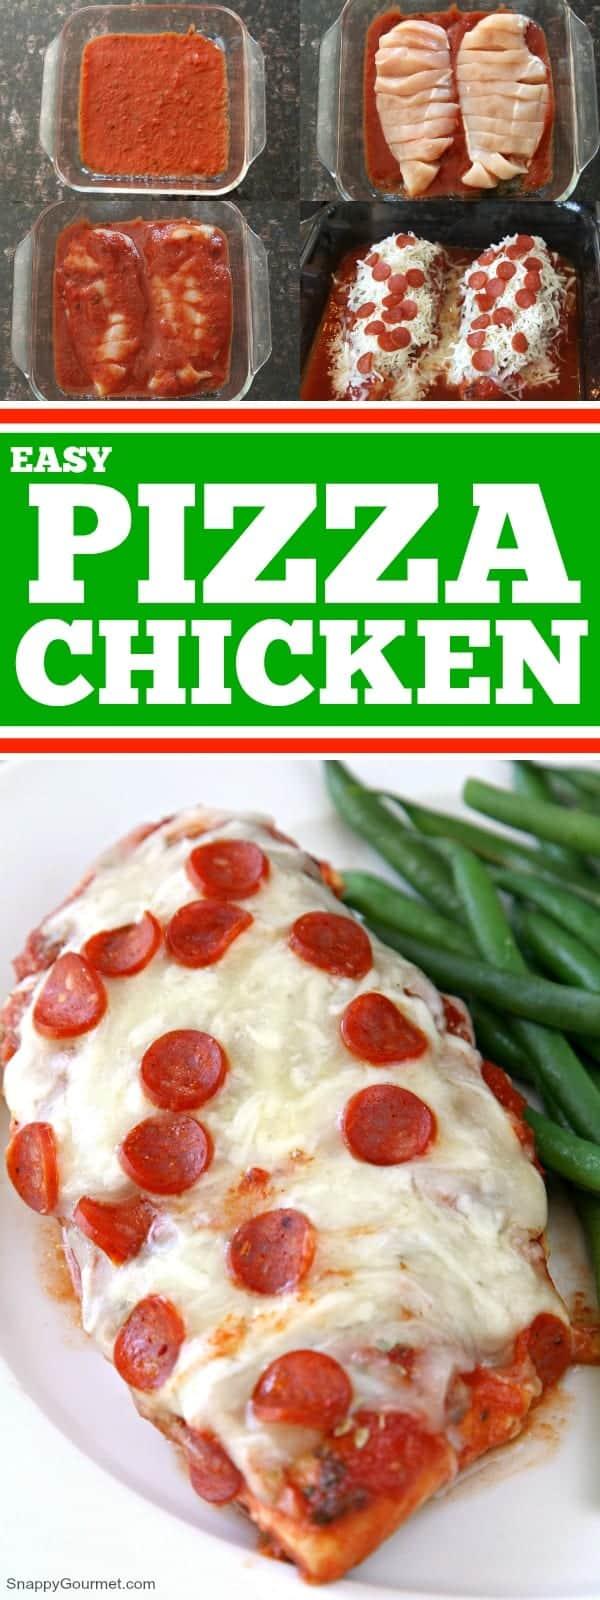 Pizza Chicken collage